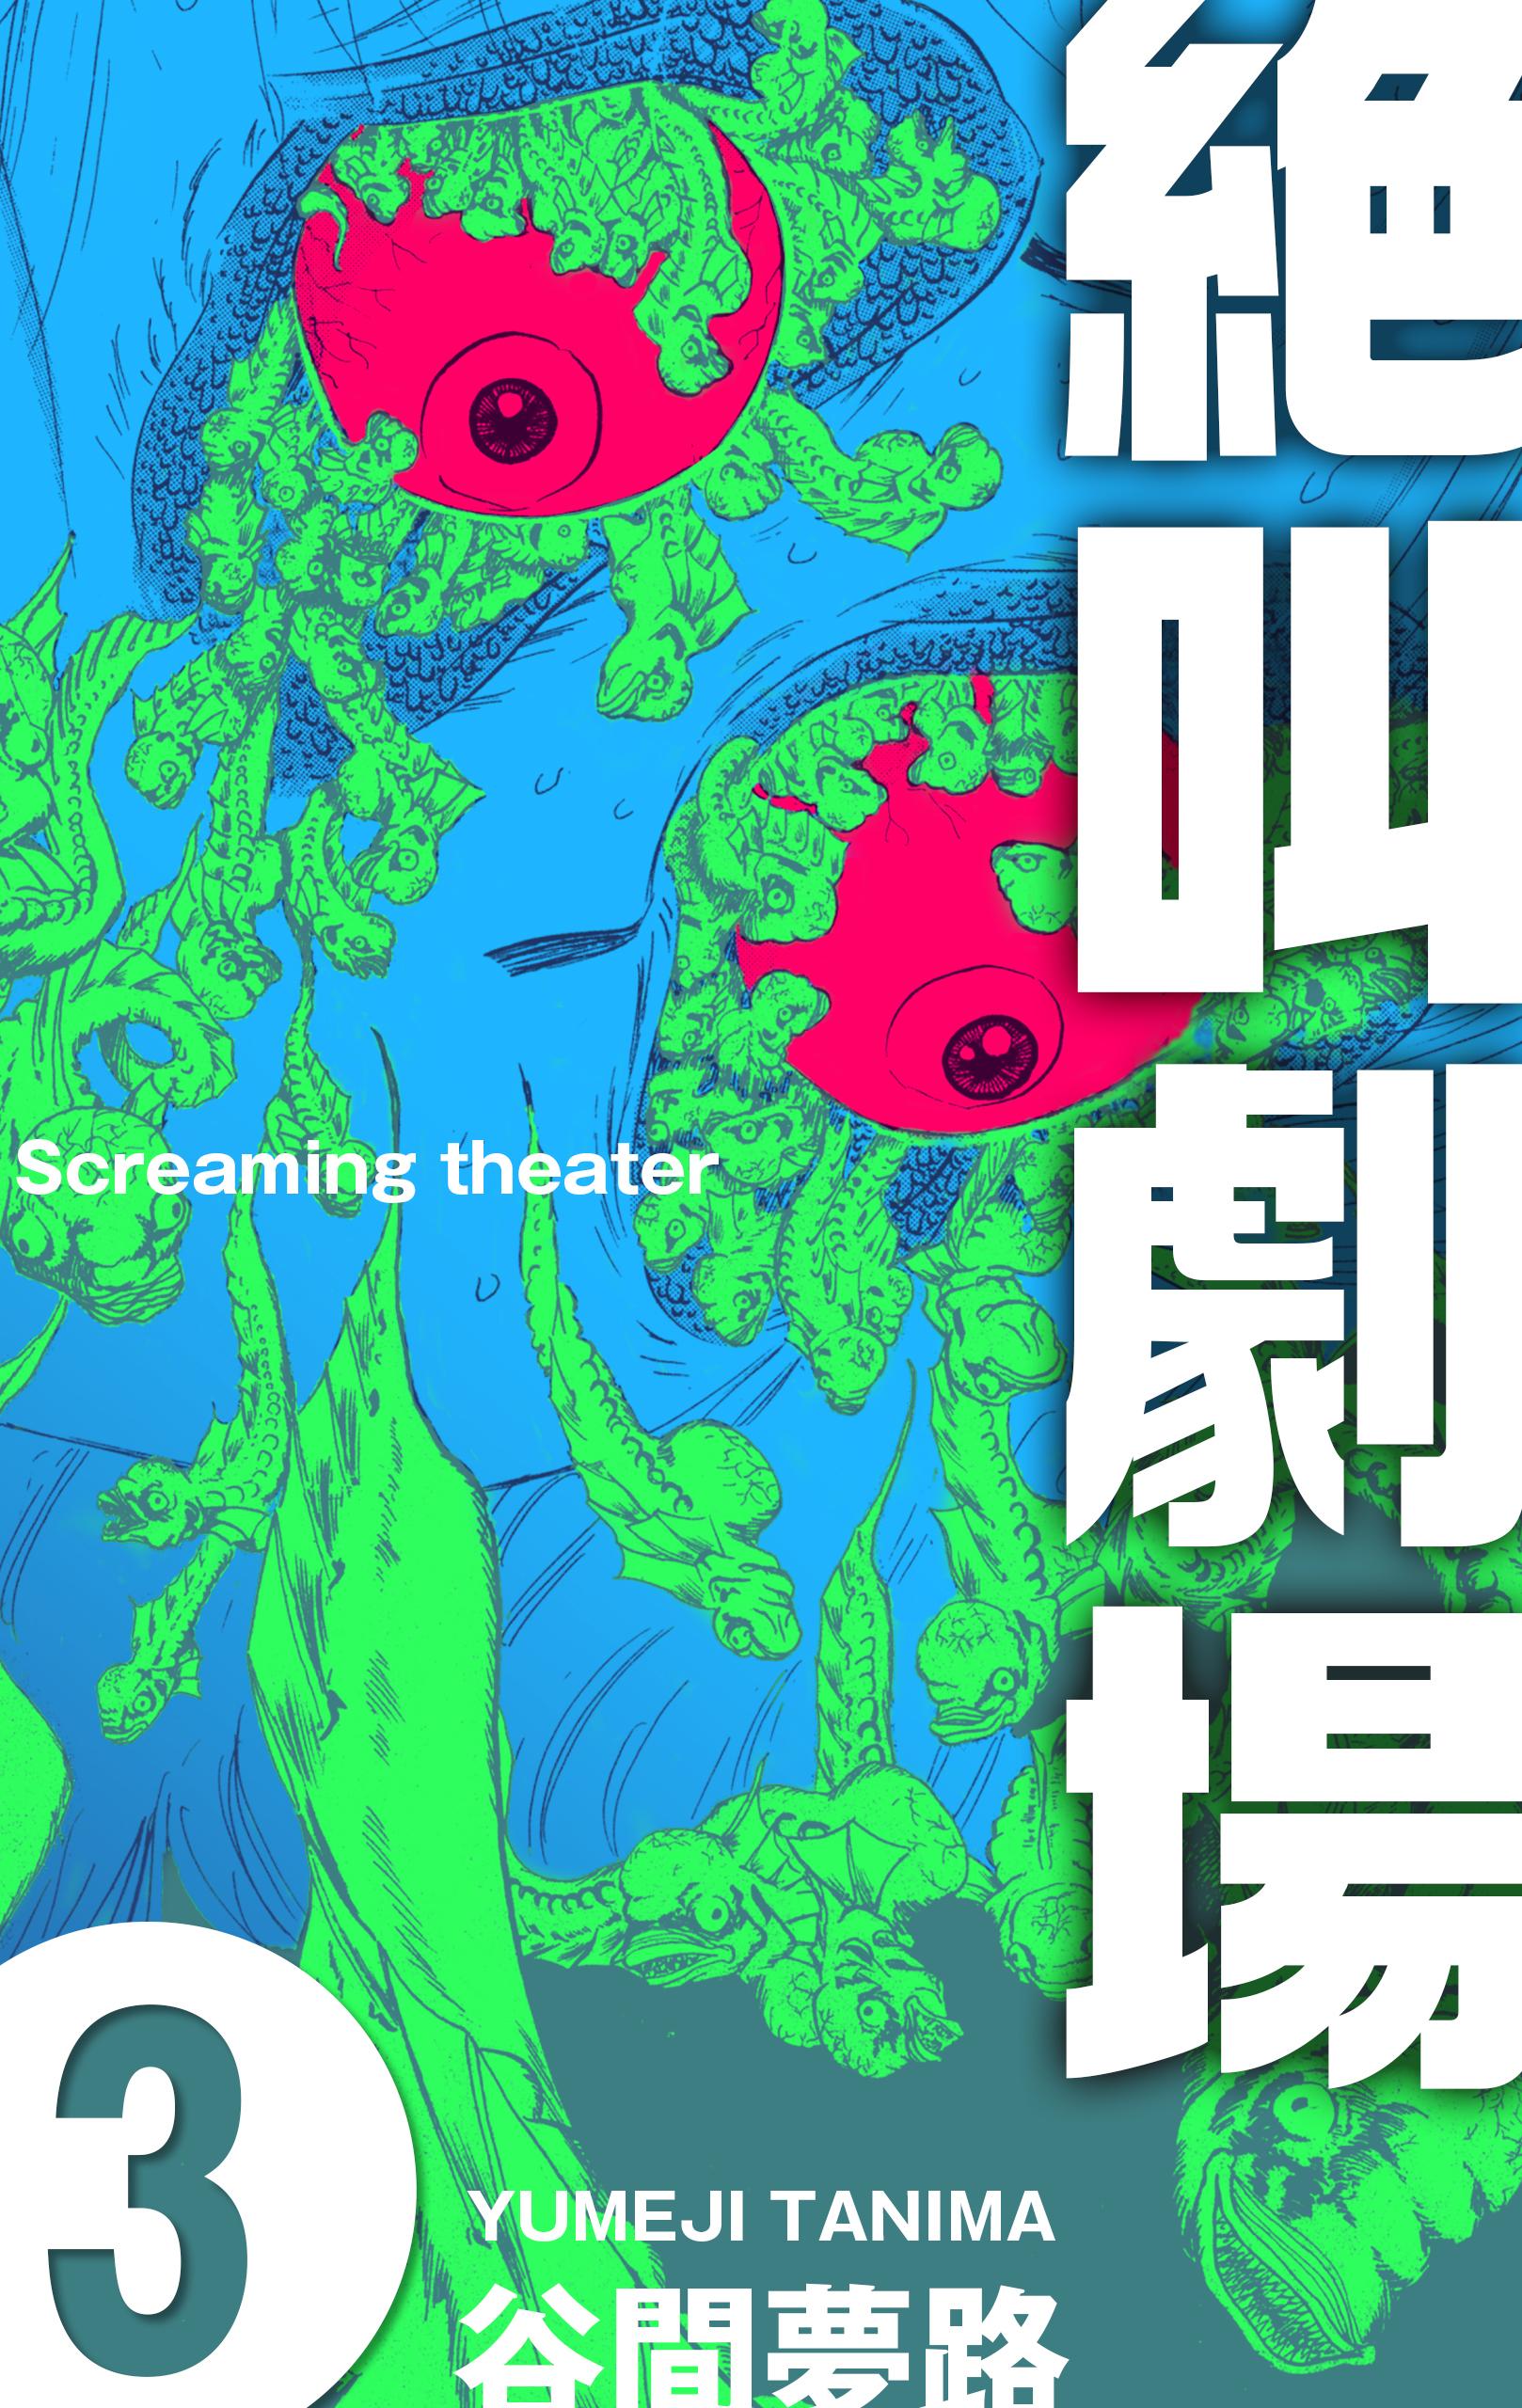 絶叫劇場(第3巻)